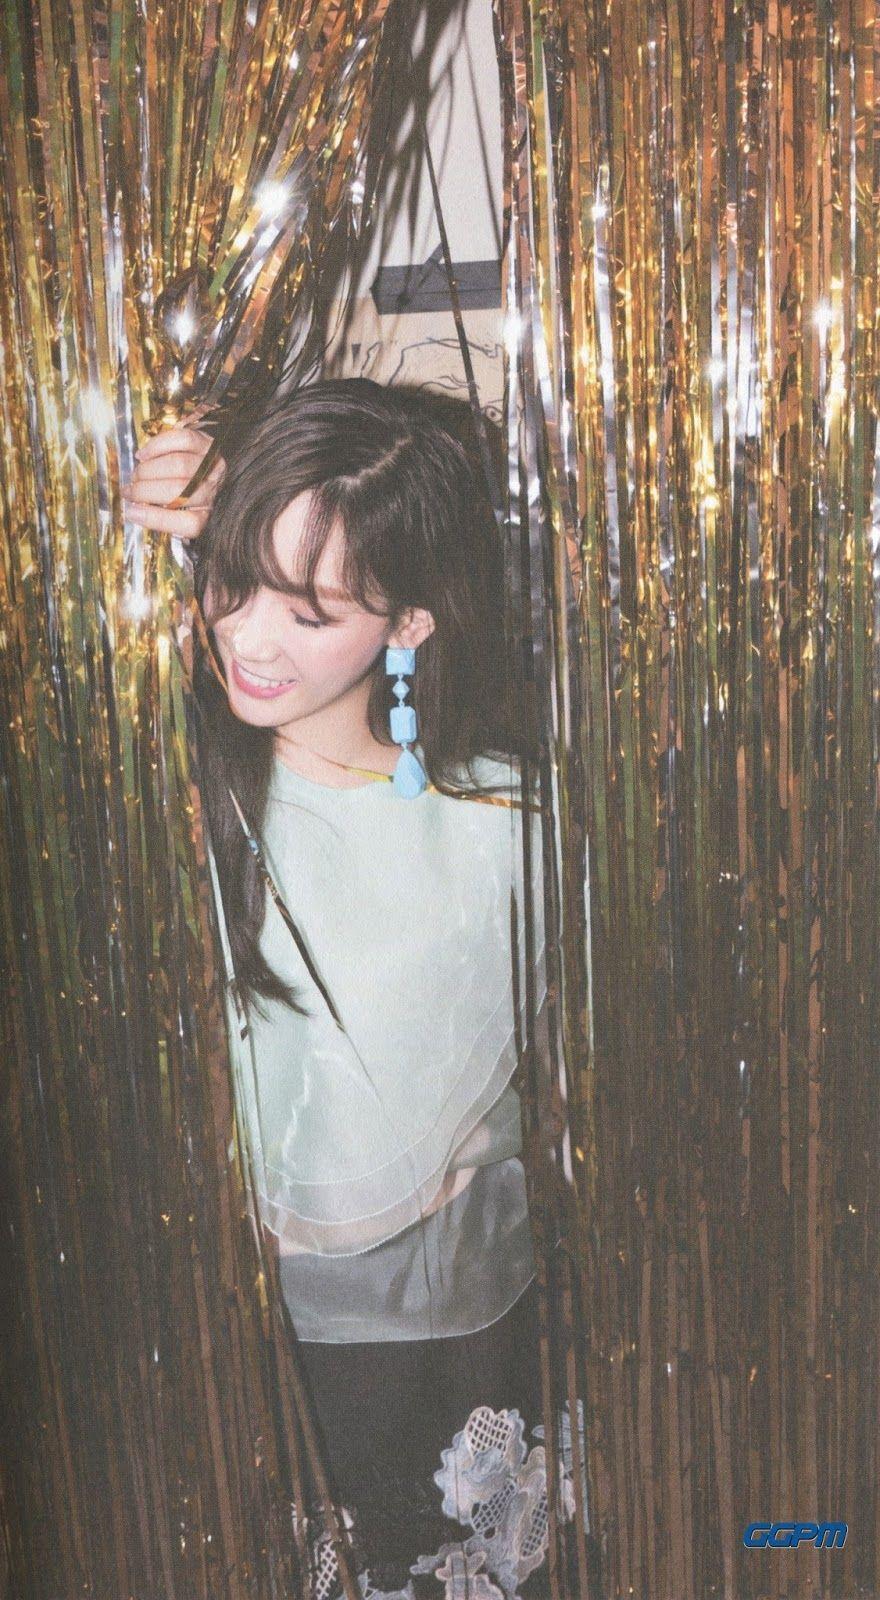 Taeyeon 1st Album My Voice Booklet Prologue Fine Ver Taeyeon Girls Generation Taeyeon Snsd Taeyeon